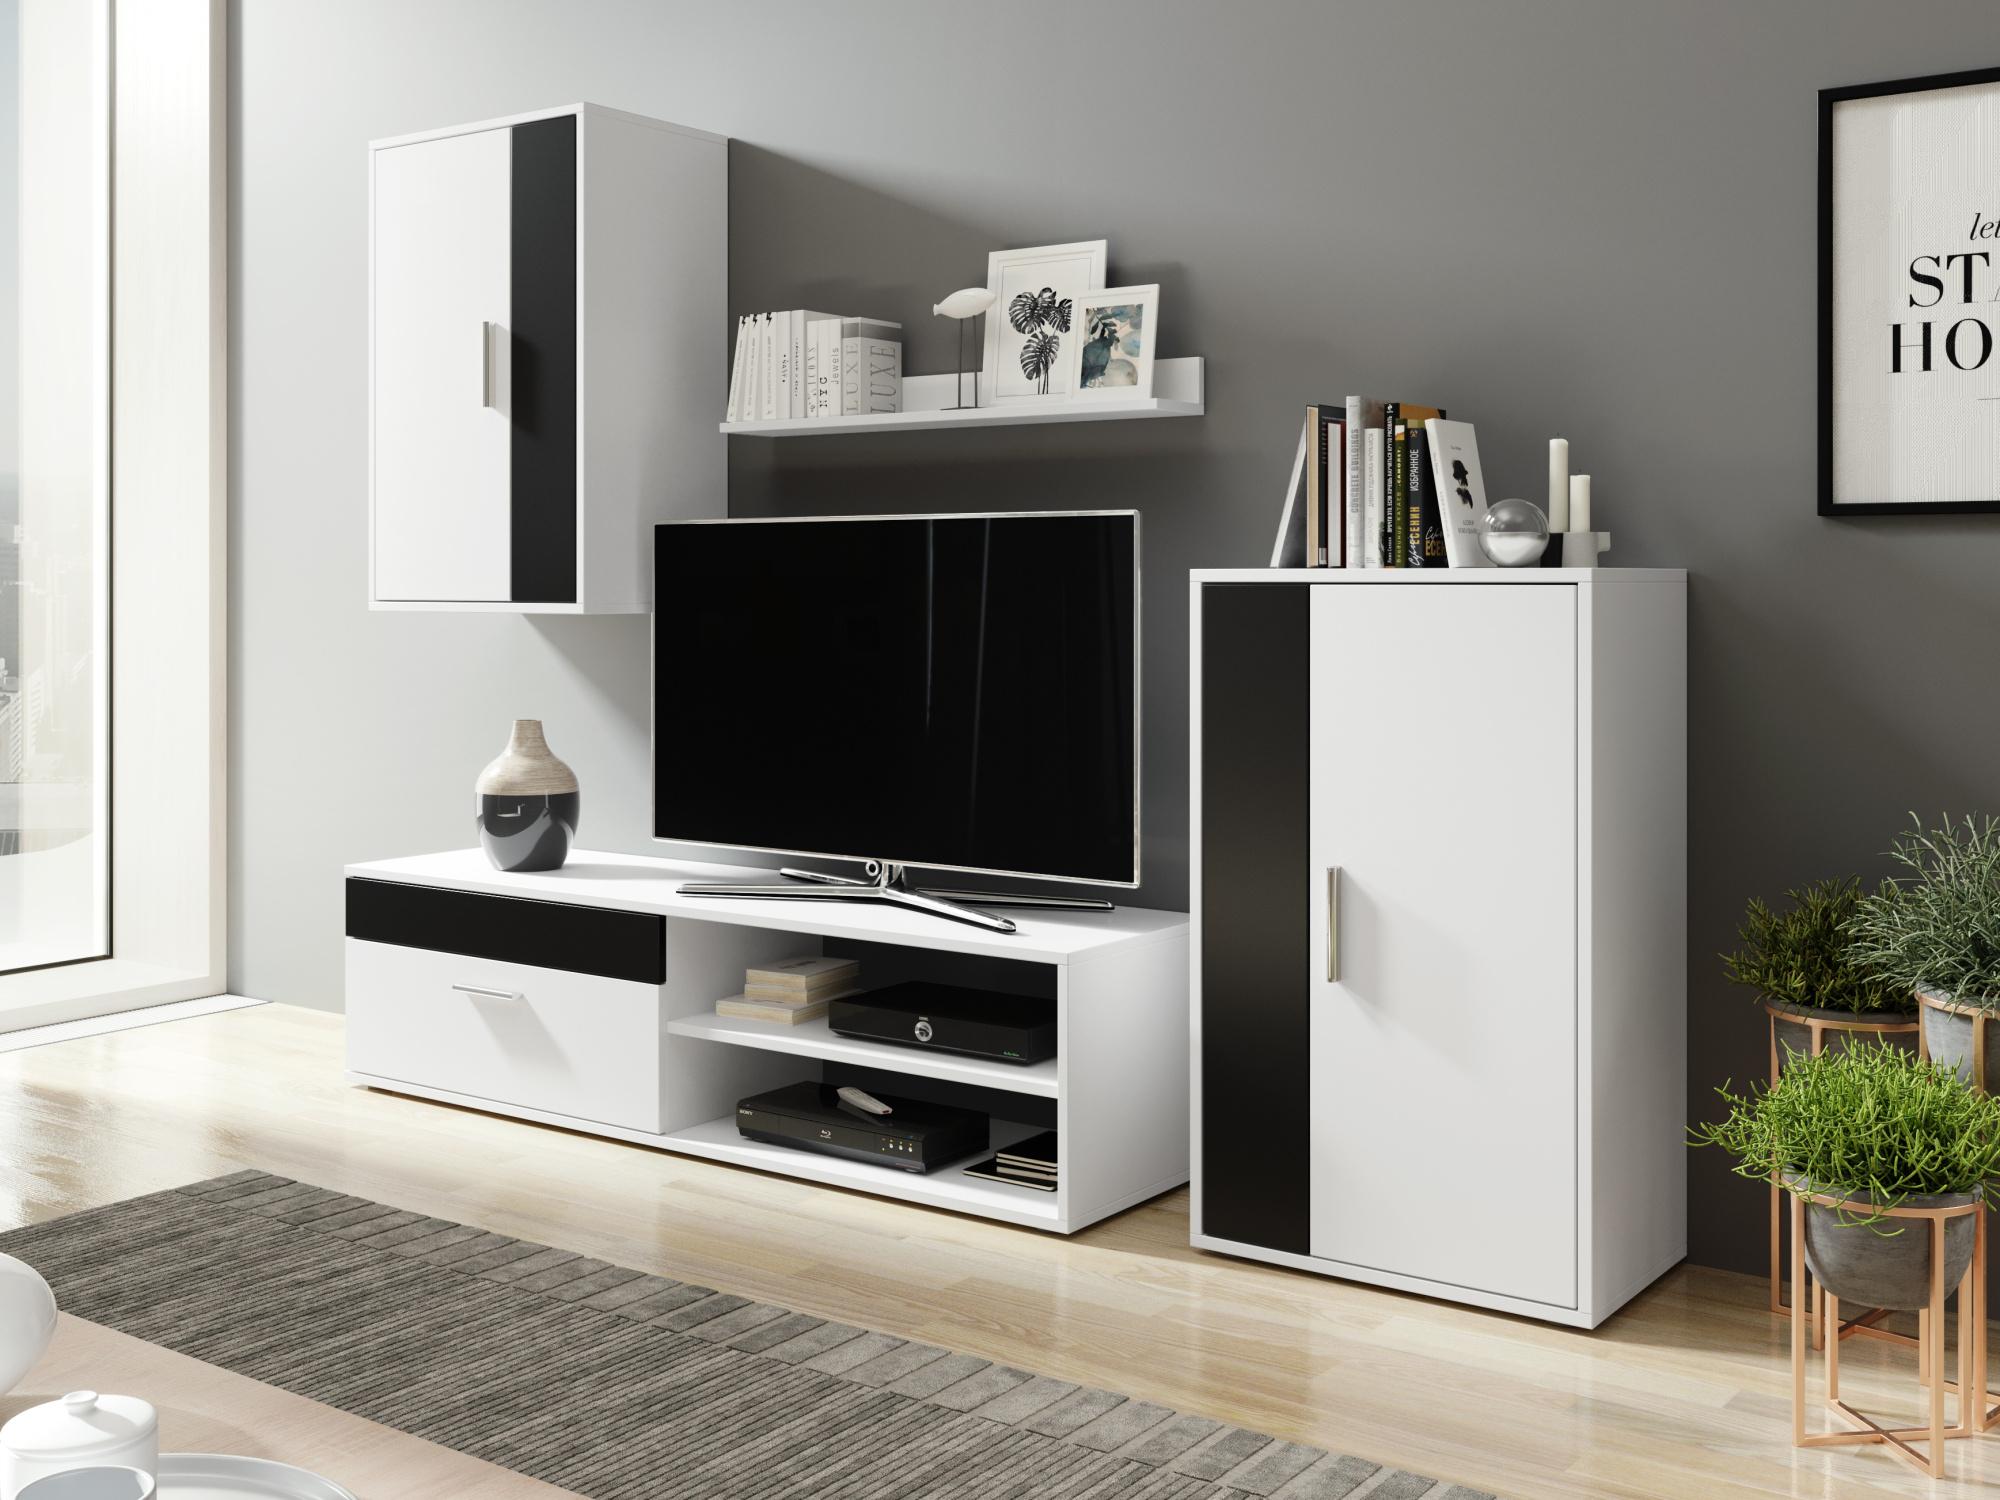 Obývací stěna NEJBY v barvě bílá/černá